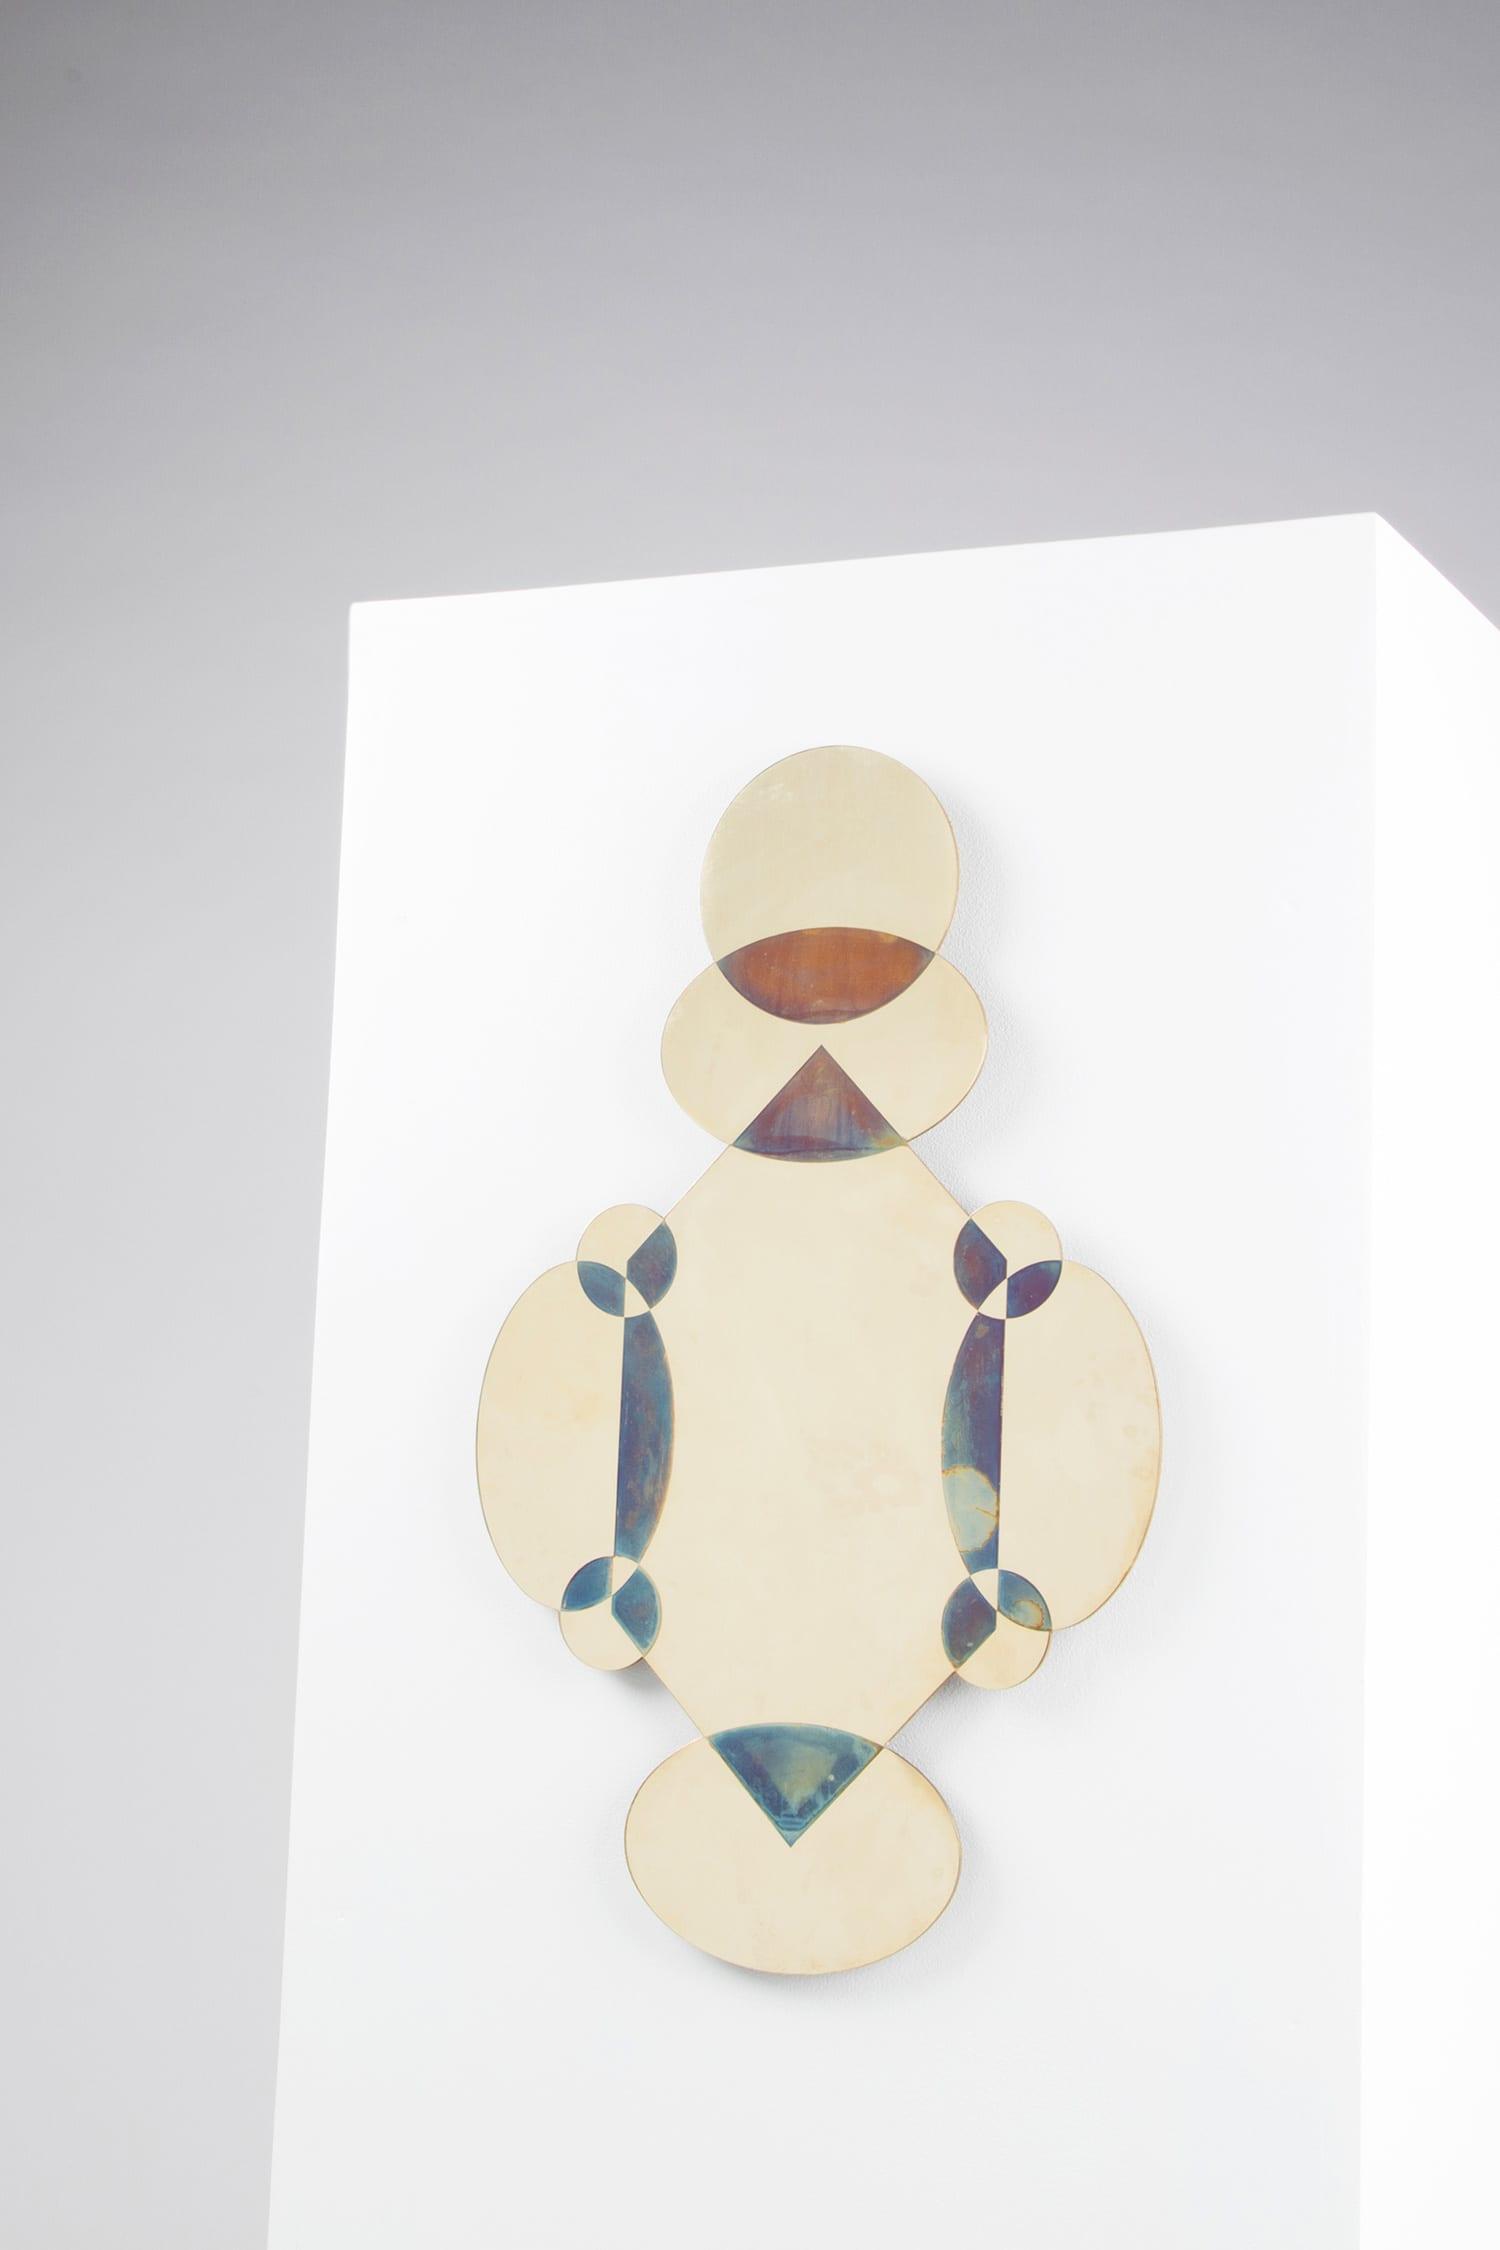 Barocche Mirror by Nikolai Kotlarczy at Stockholm Furniture Fair 2018   Yellowtrace